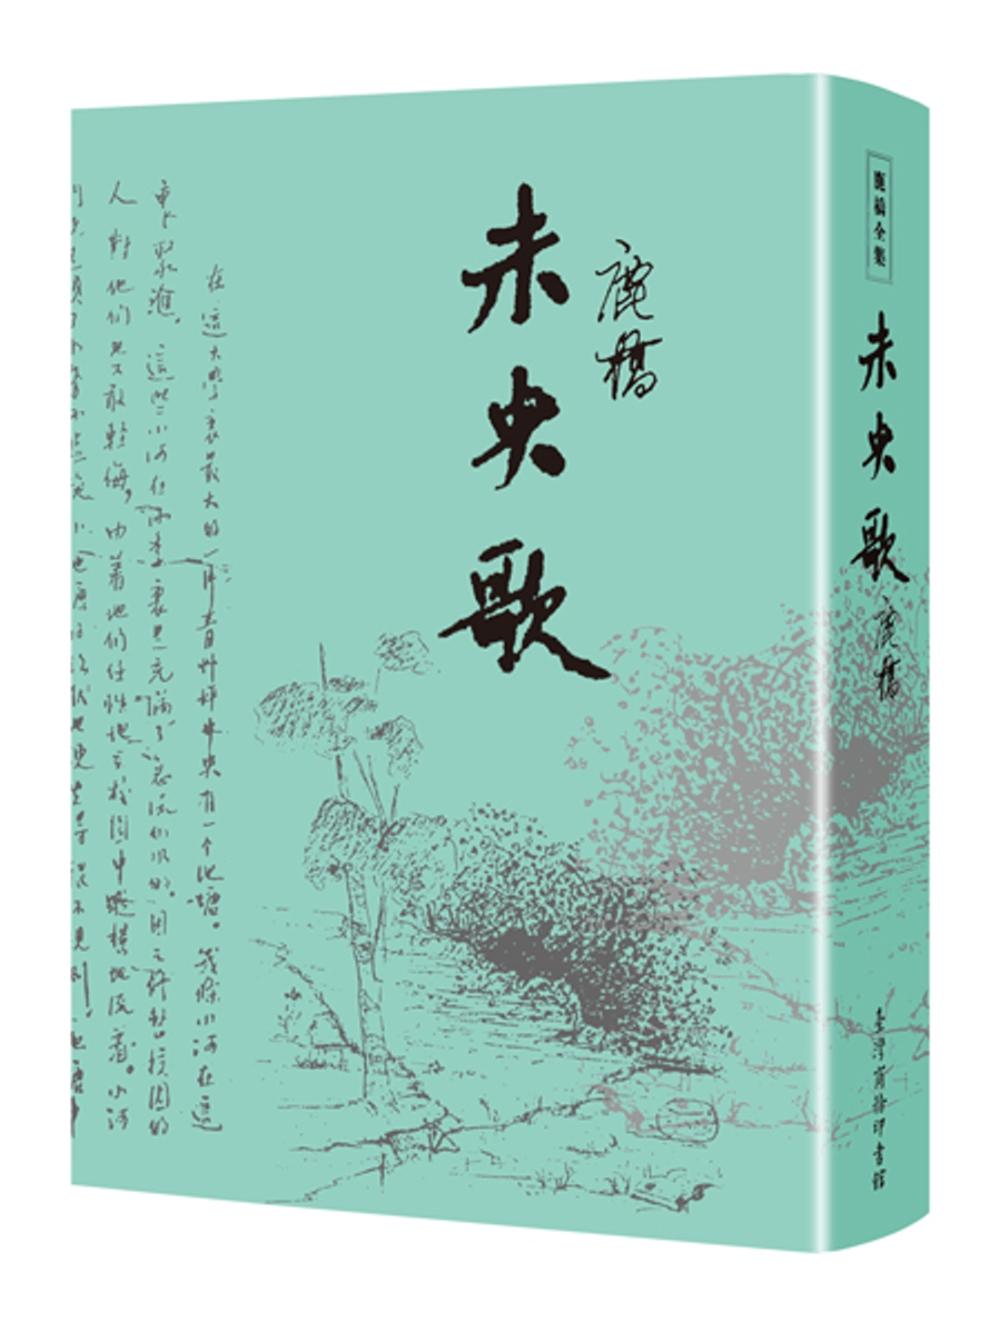 未央歌【臺灣商務70週年典藏紀念版】